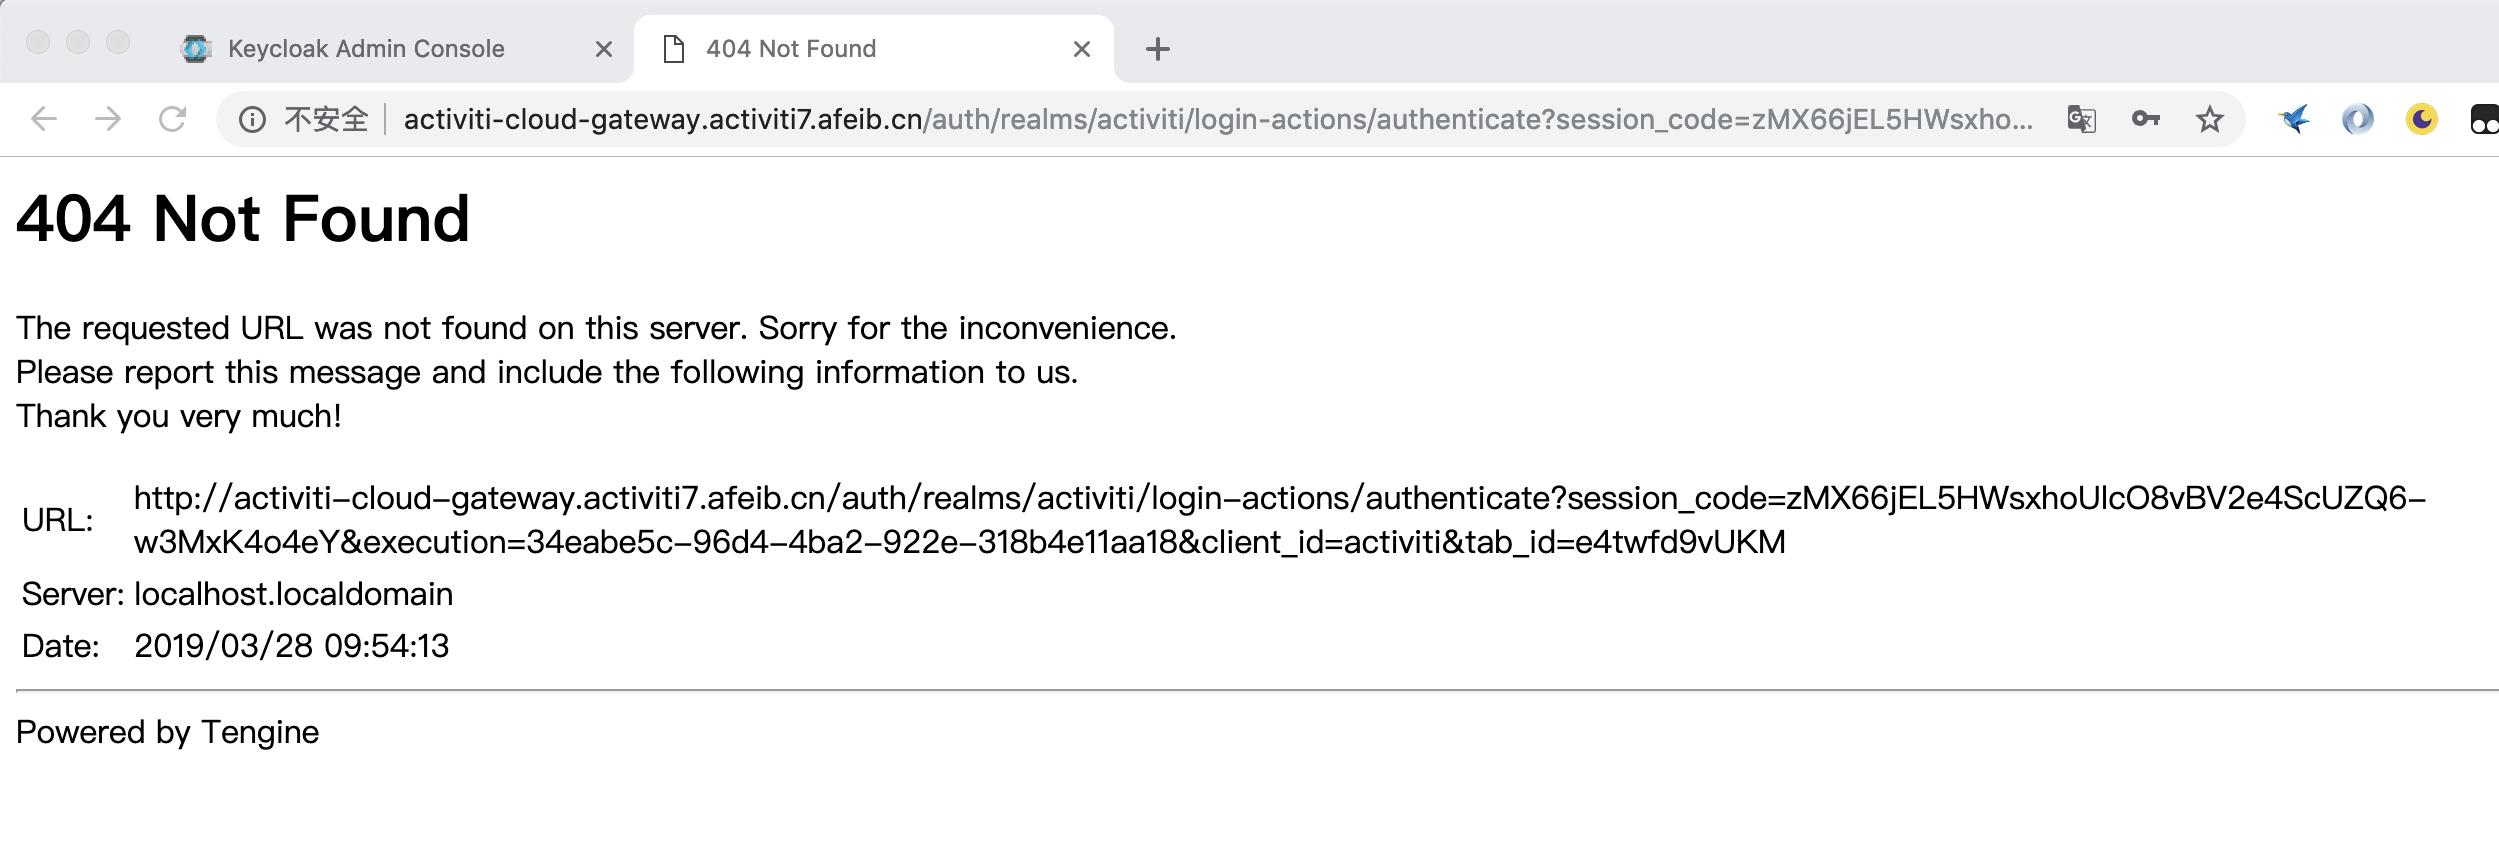 activiti-cloud-full-example report 404 · Issue #2665 · Activiti